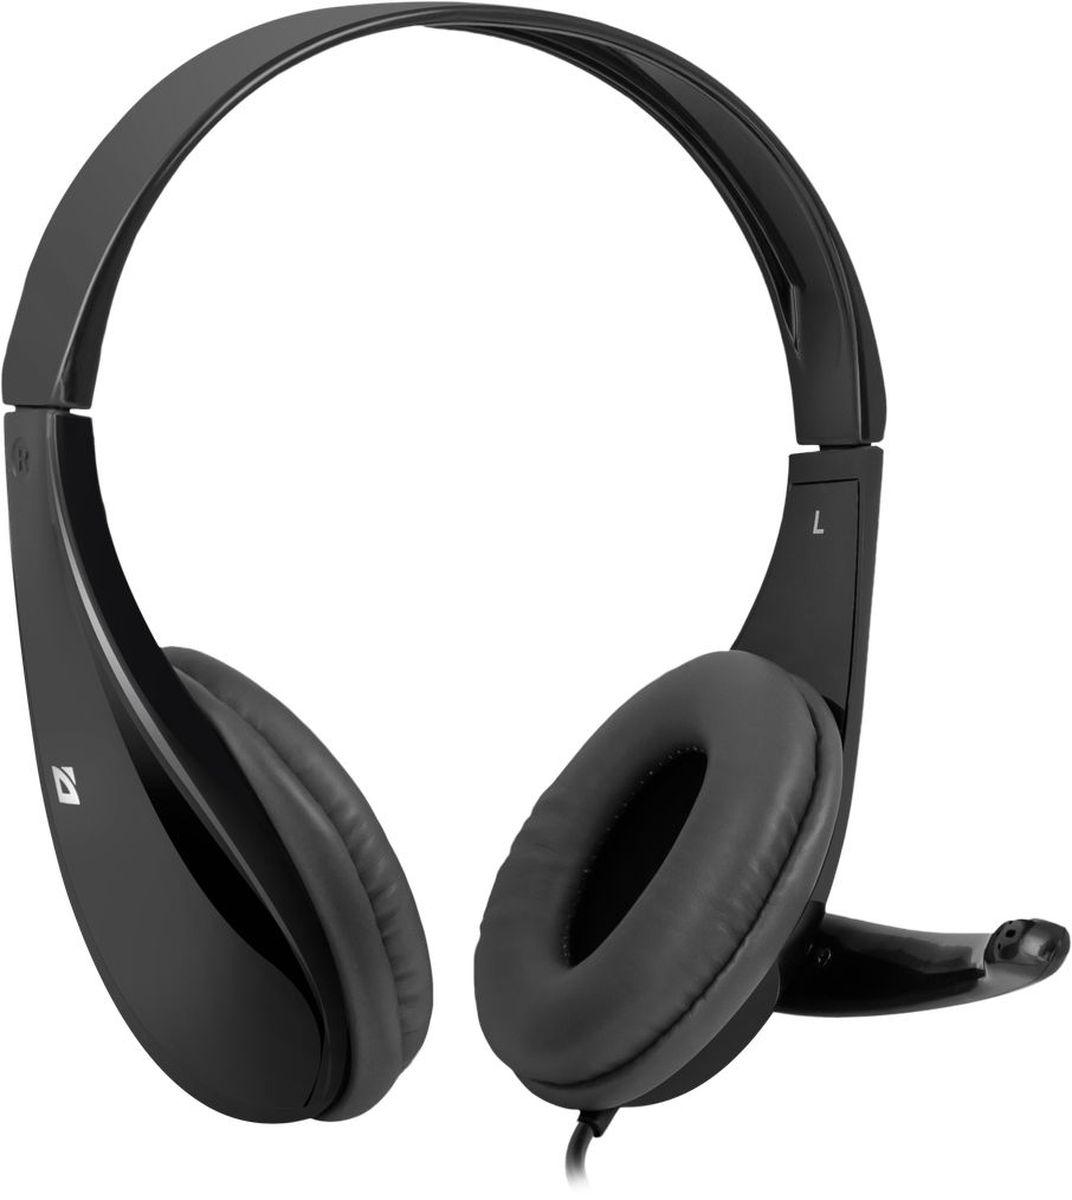 Defender Aura 111, Black компьютерная гарнитура63111Гарнитура Defender Aura 111 предназначена для смартфонов, планшетных компьютеров, ноутбуков нового поколения, использующих комбинированный четырехпиновый разъем для наушников и микрофона. На кабеле гарнитуры удобно расположен регулятор громкости. Благодаря хорошей звукоизоляции и комфортным амбюшурам слушайте любимую музыку и аудиокниги в дороге - ничто не будет вам мешать! Частотный диапазон микрофона: 20 Гц - 16 кГц Сопротивление микрофона: 2,2 кОм Чувствительность микрофона: 54 дБ